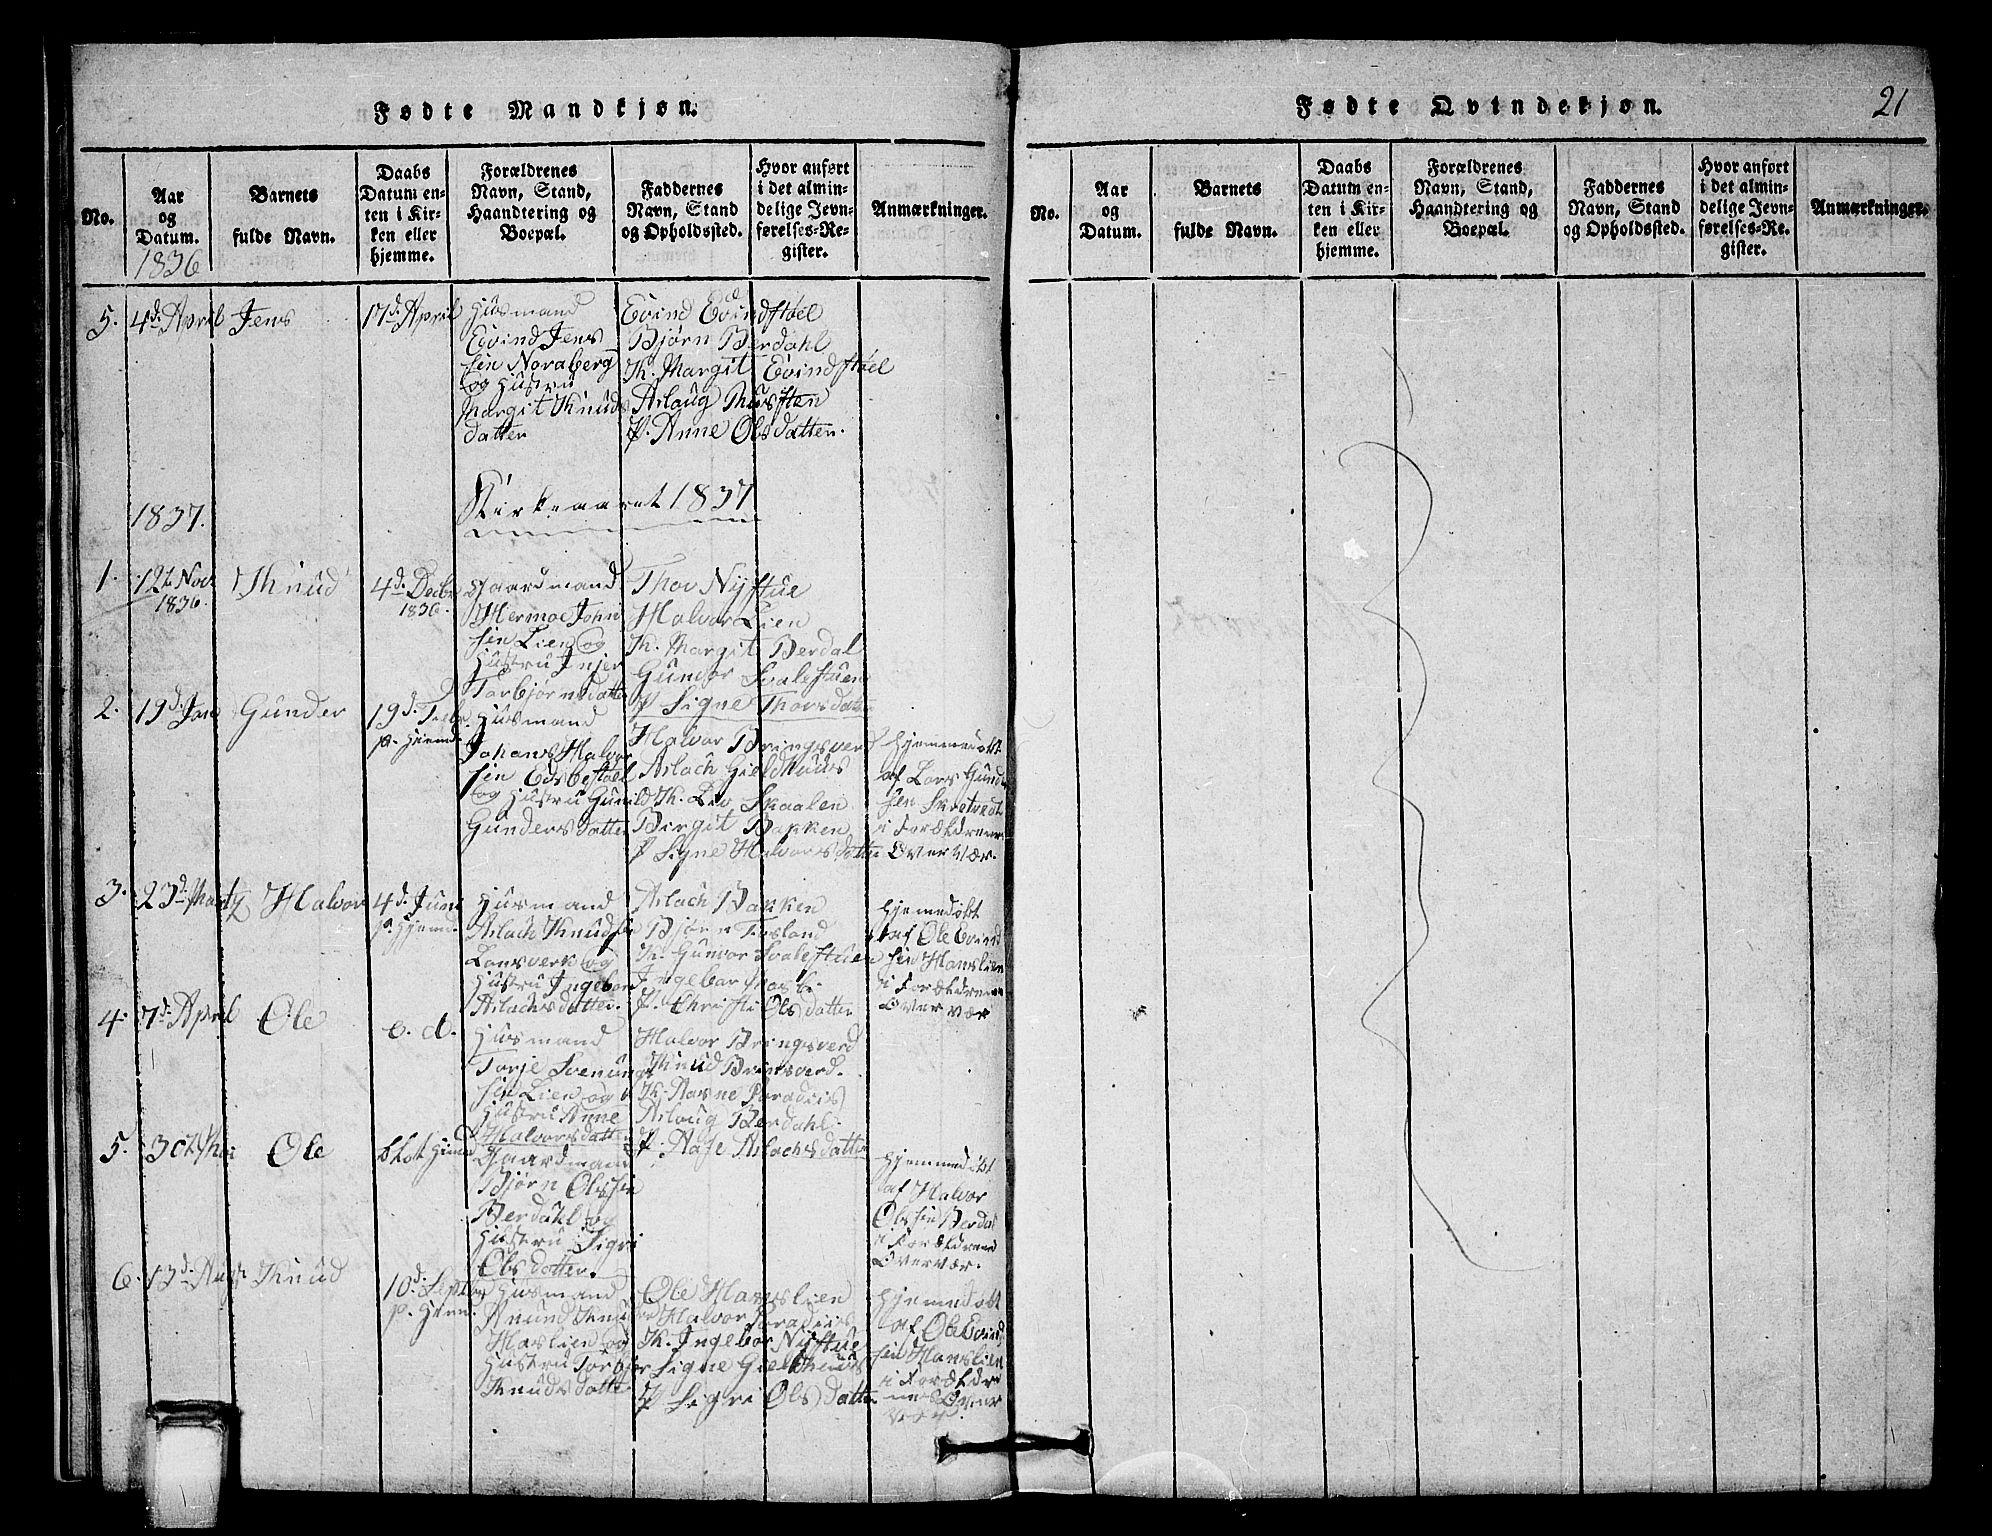 SAKO, Vinje kirkebøker, G/Gb/L0001: Klokkerbok nr. II 1, 1814-1843, s. 21